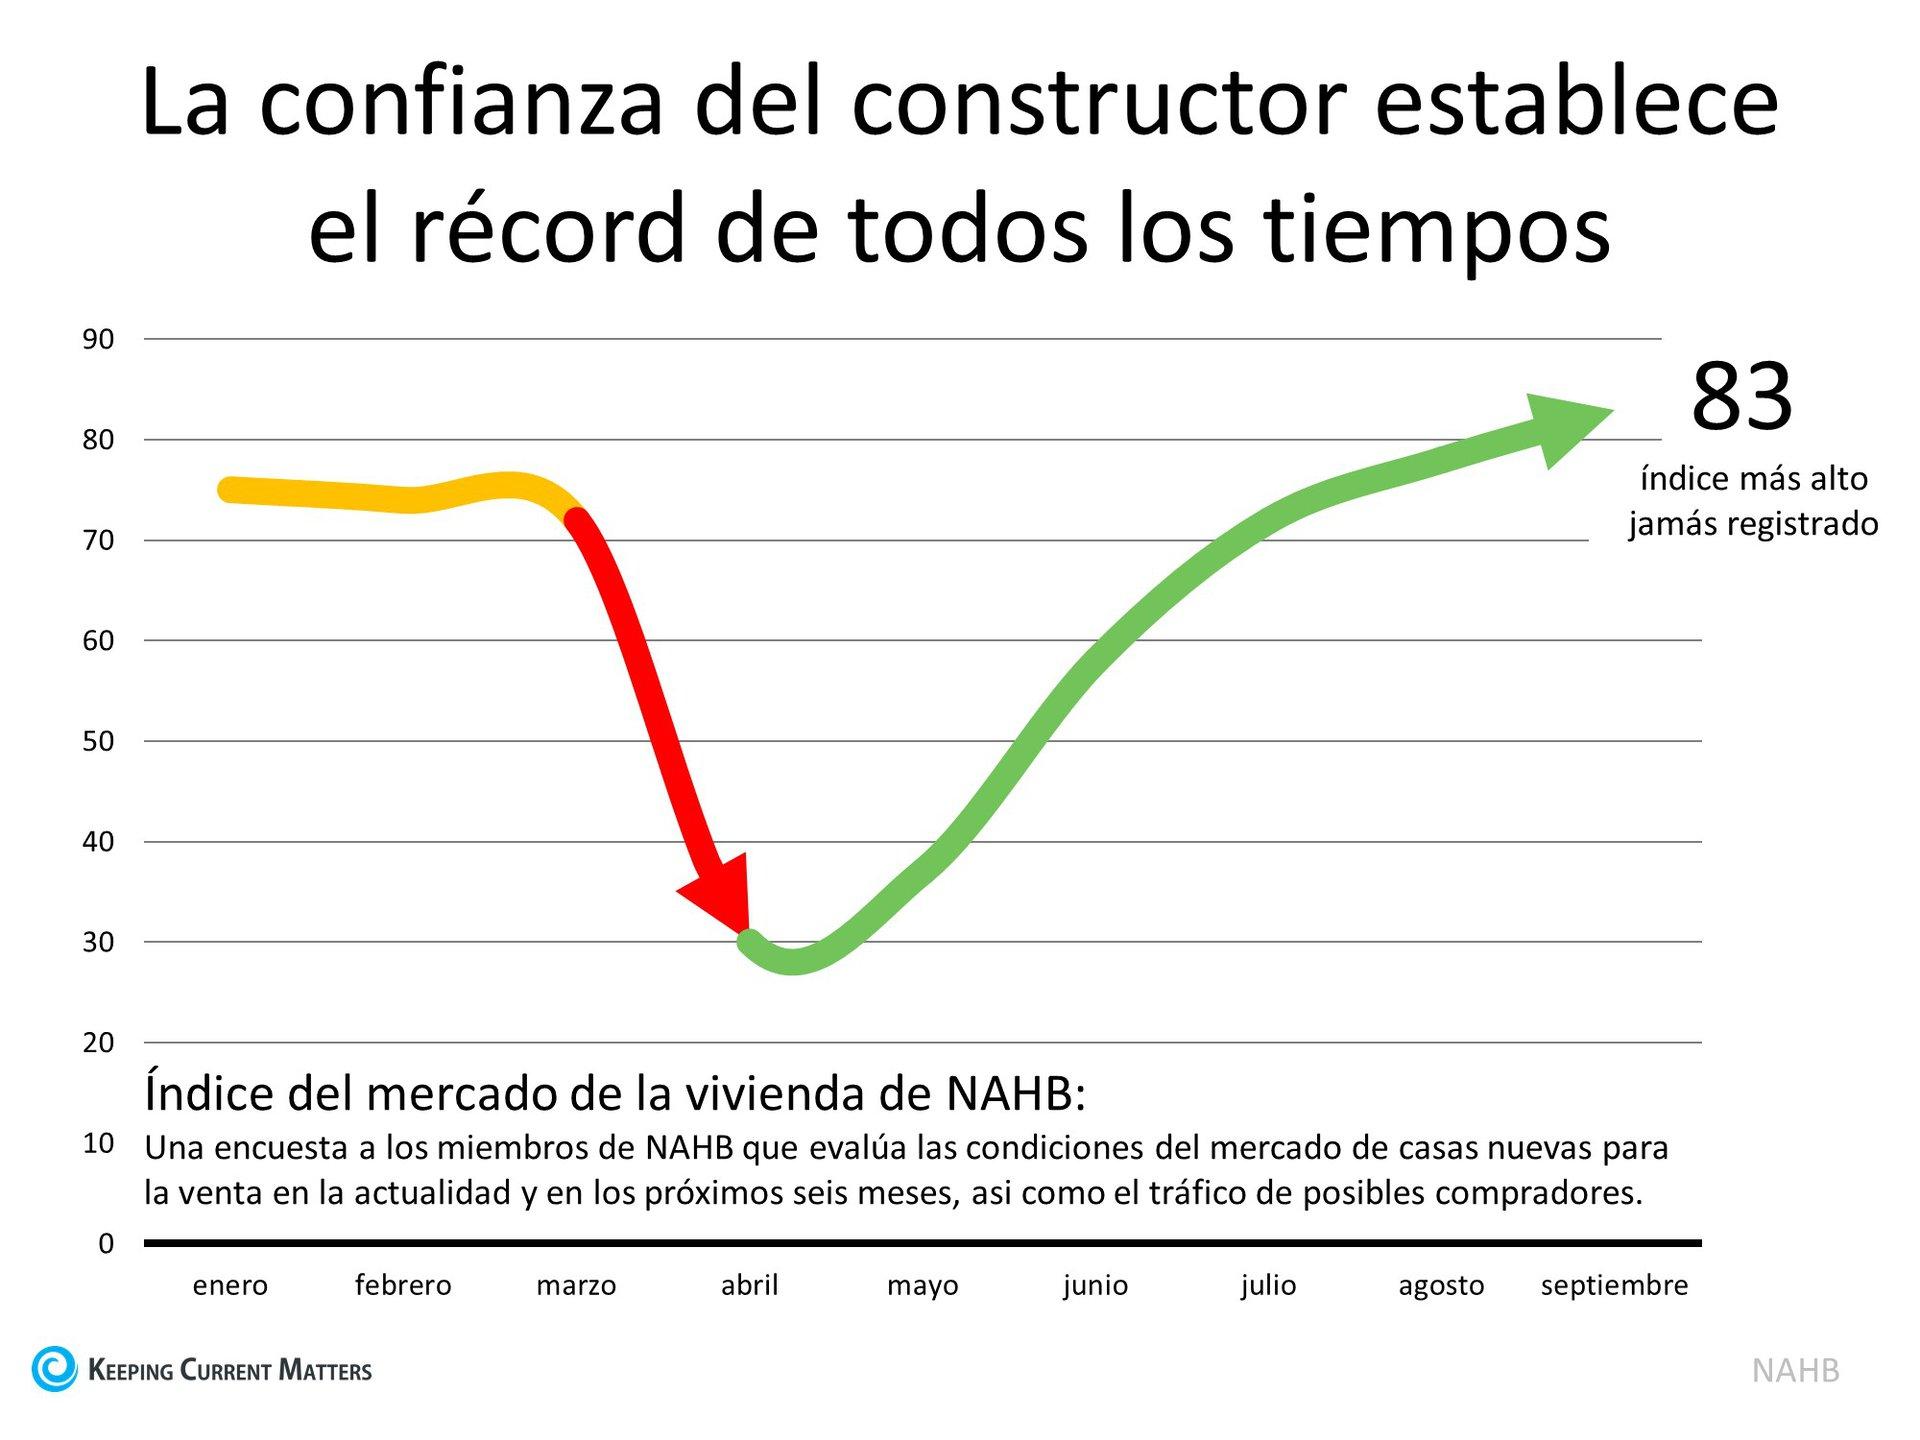 La confianza de los constructores de vivienda alcanzó un máximo histórico | Keeping Current Matters